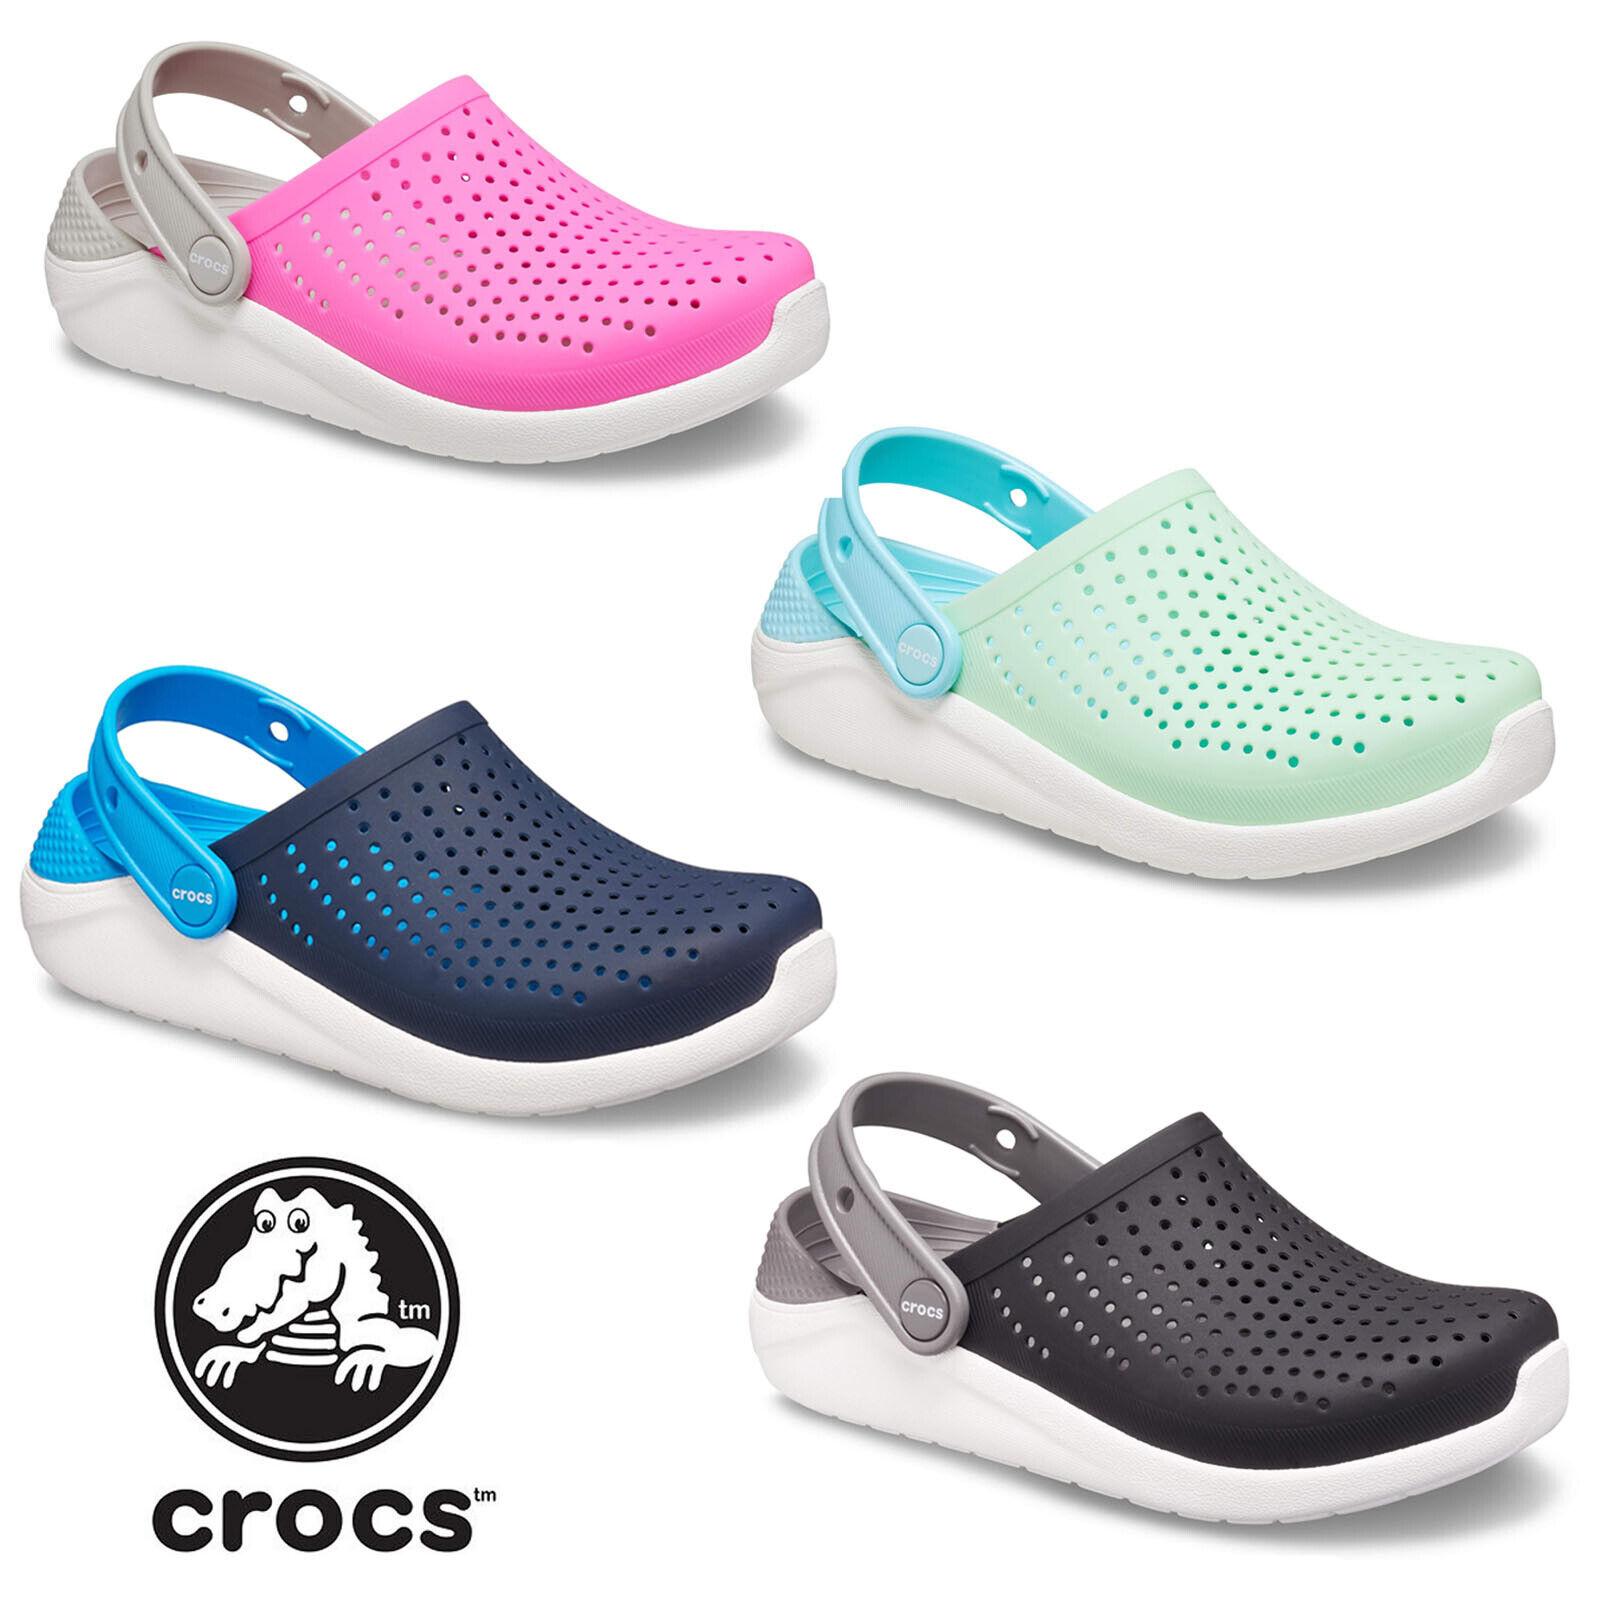 crocs slip on kids